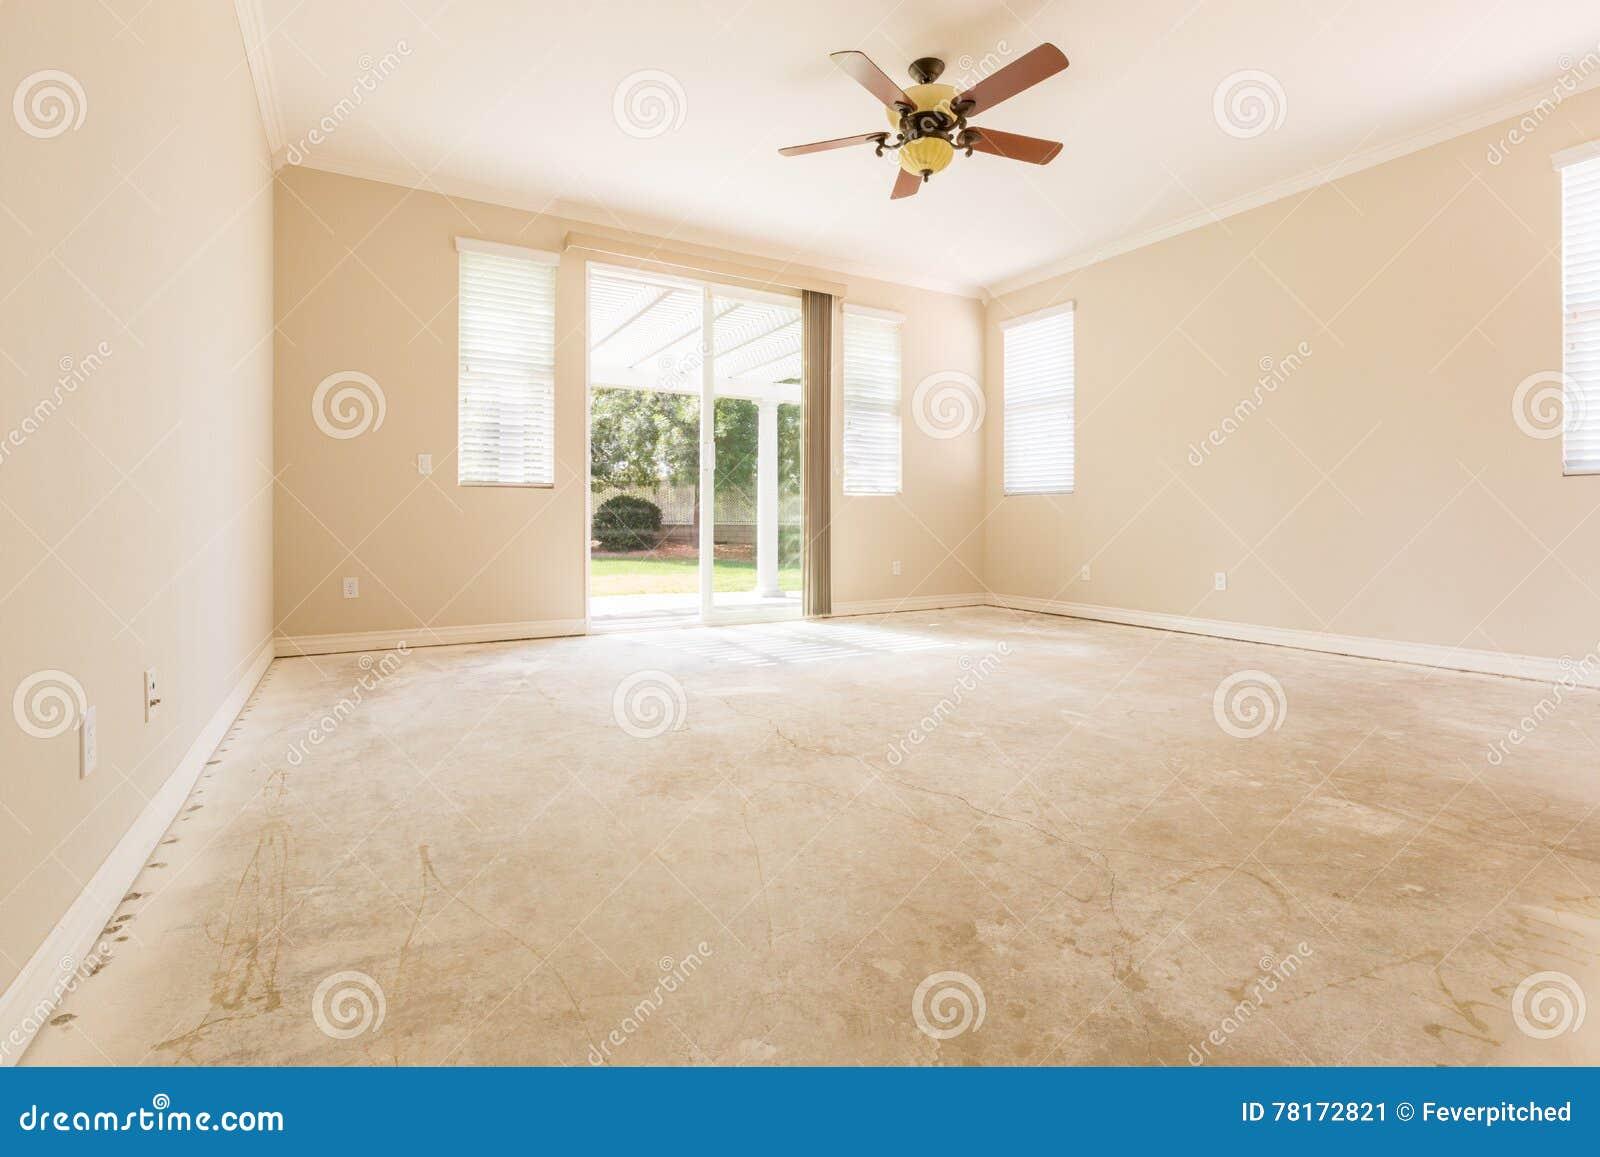 Δωμάτιο με τα πατώματα τσιμέντου και τον ανώτατο ανεμιστήρα